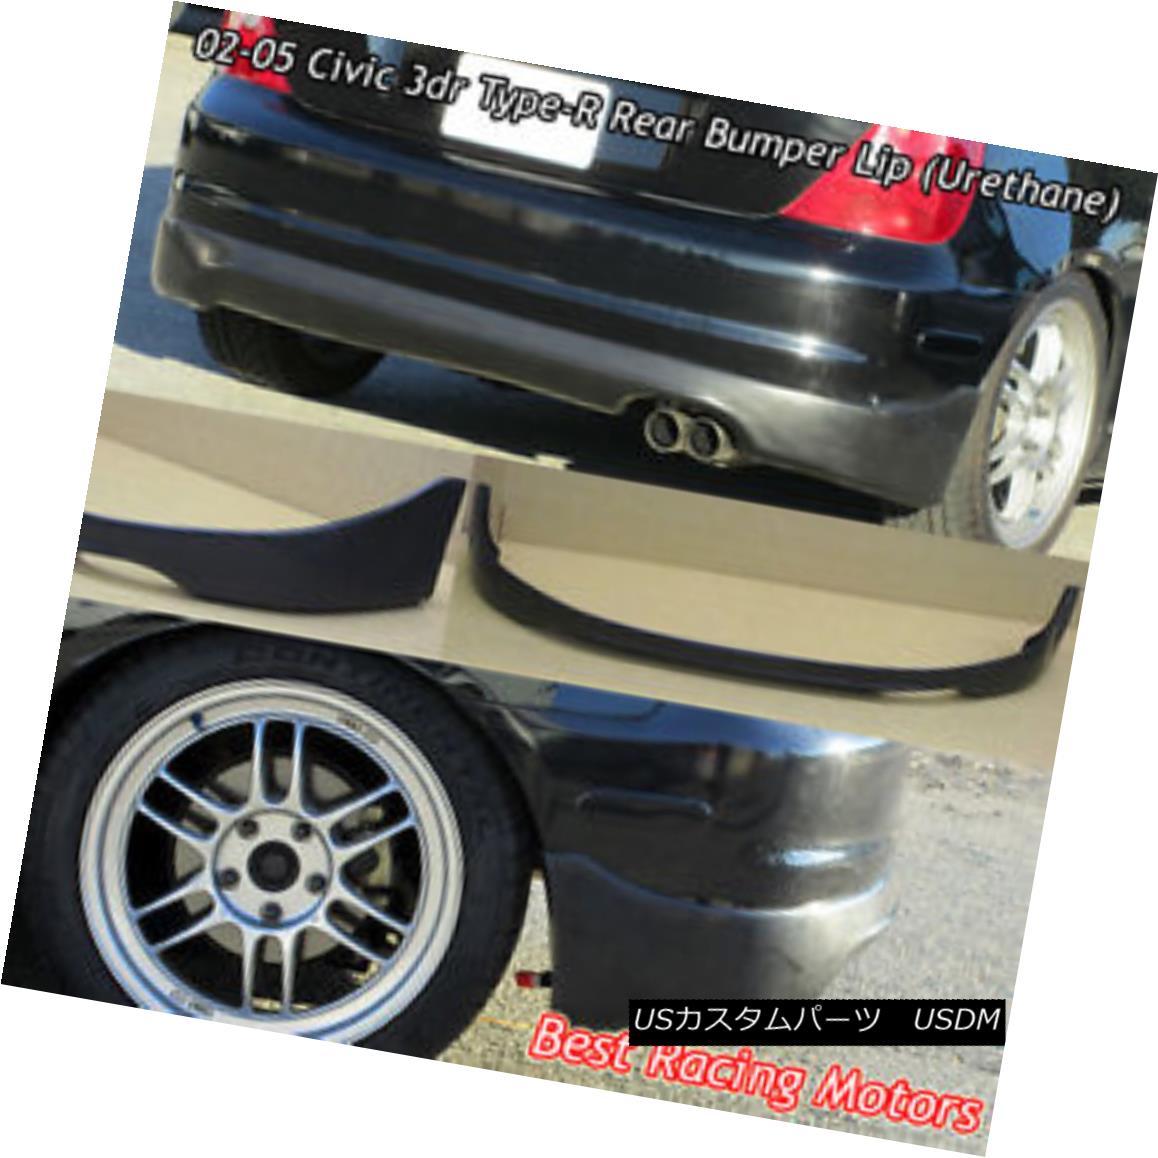 エアロパーツ TR Style Rear Bumper Lip (Urethane) Fits 02-05 Honda Civic 3dr EP3 TRスタイルリアバンパーリップ(ウレタン)フィット02-05ホンダシビック3dr EP3